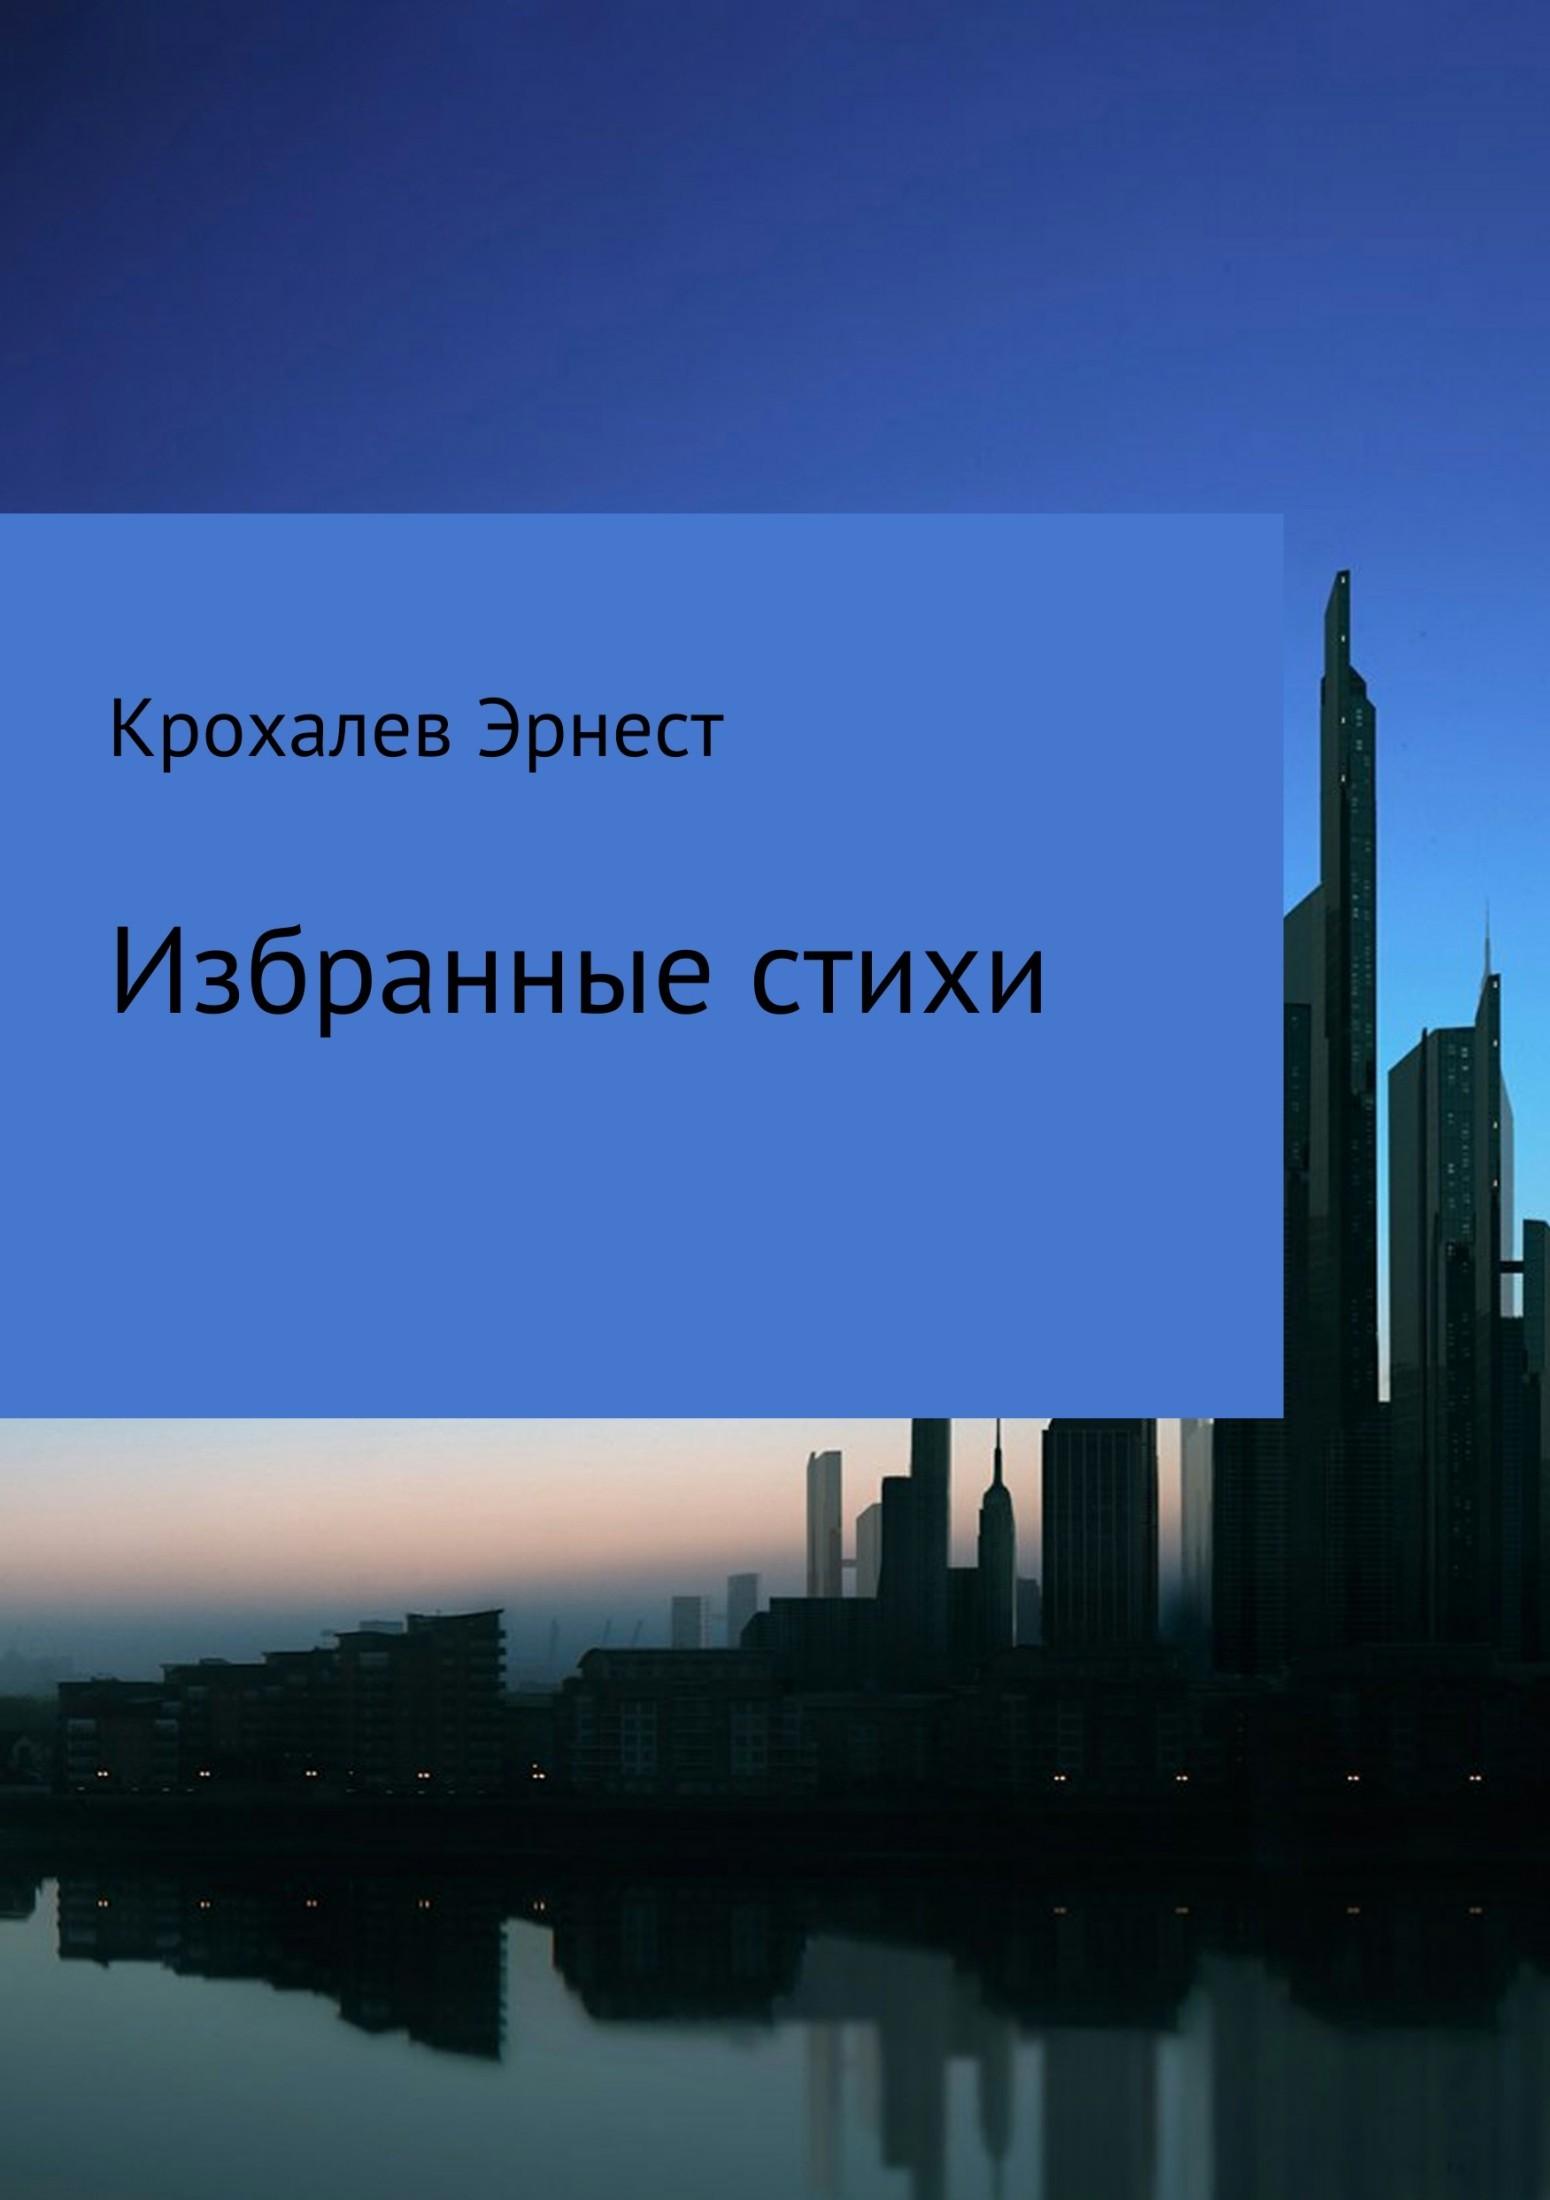 Эрнест Крохалев Юрьевич Избранные стихи